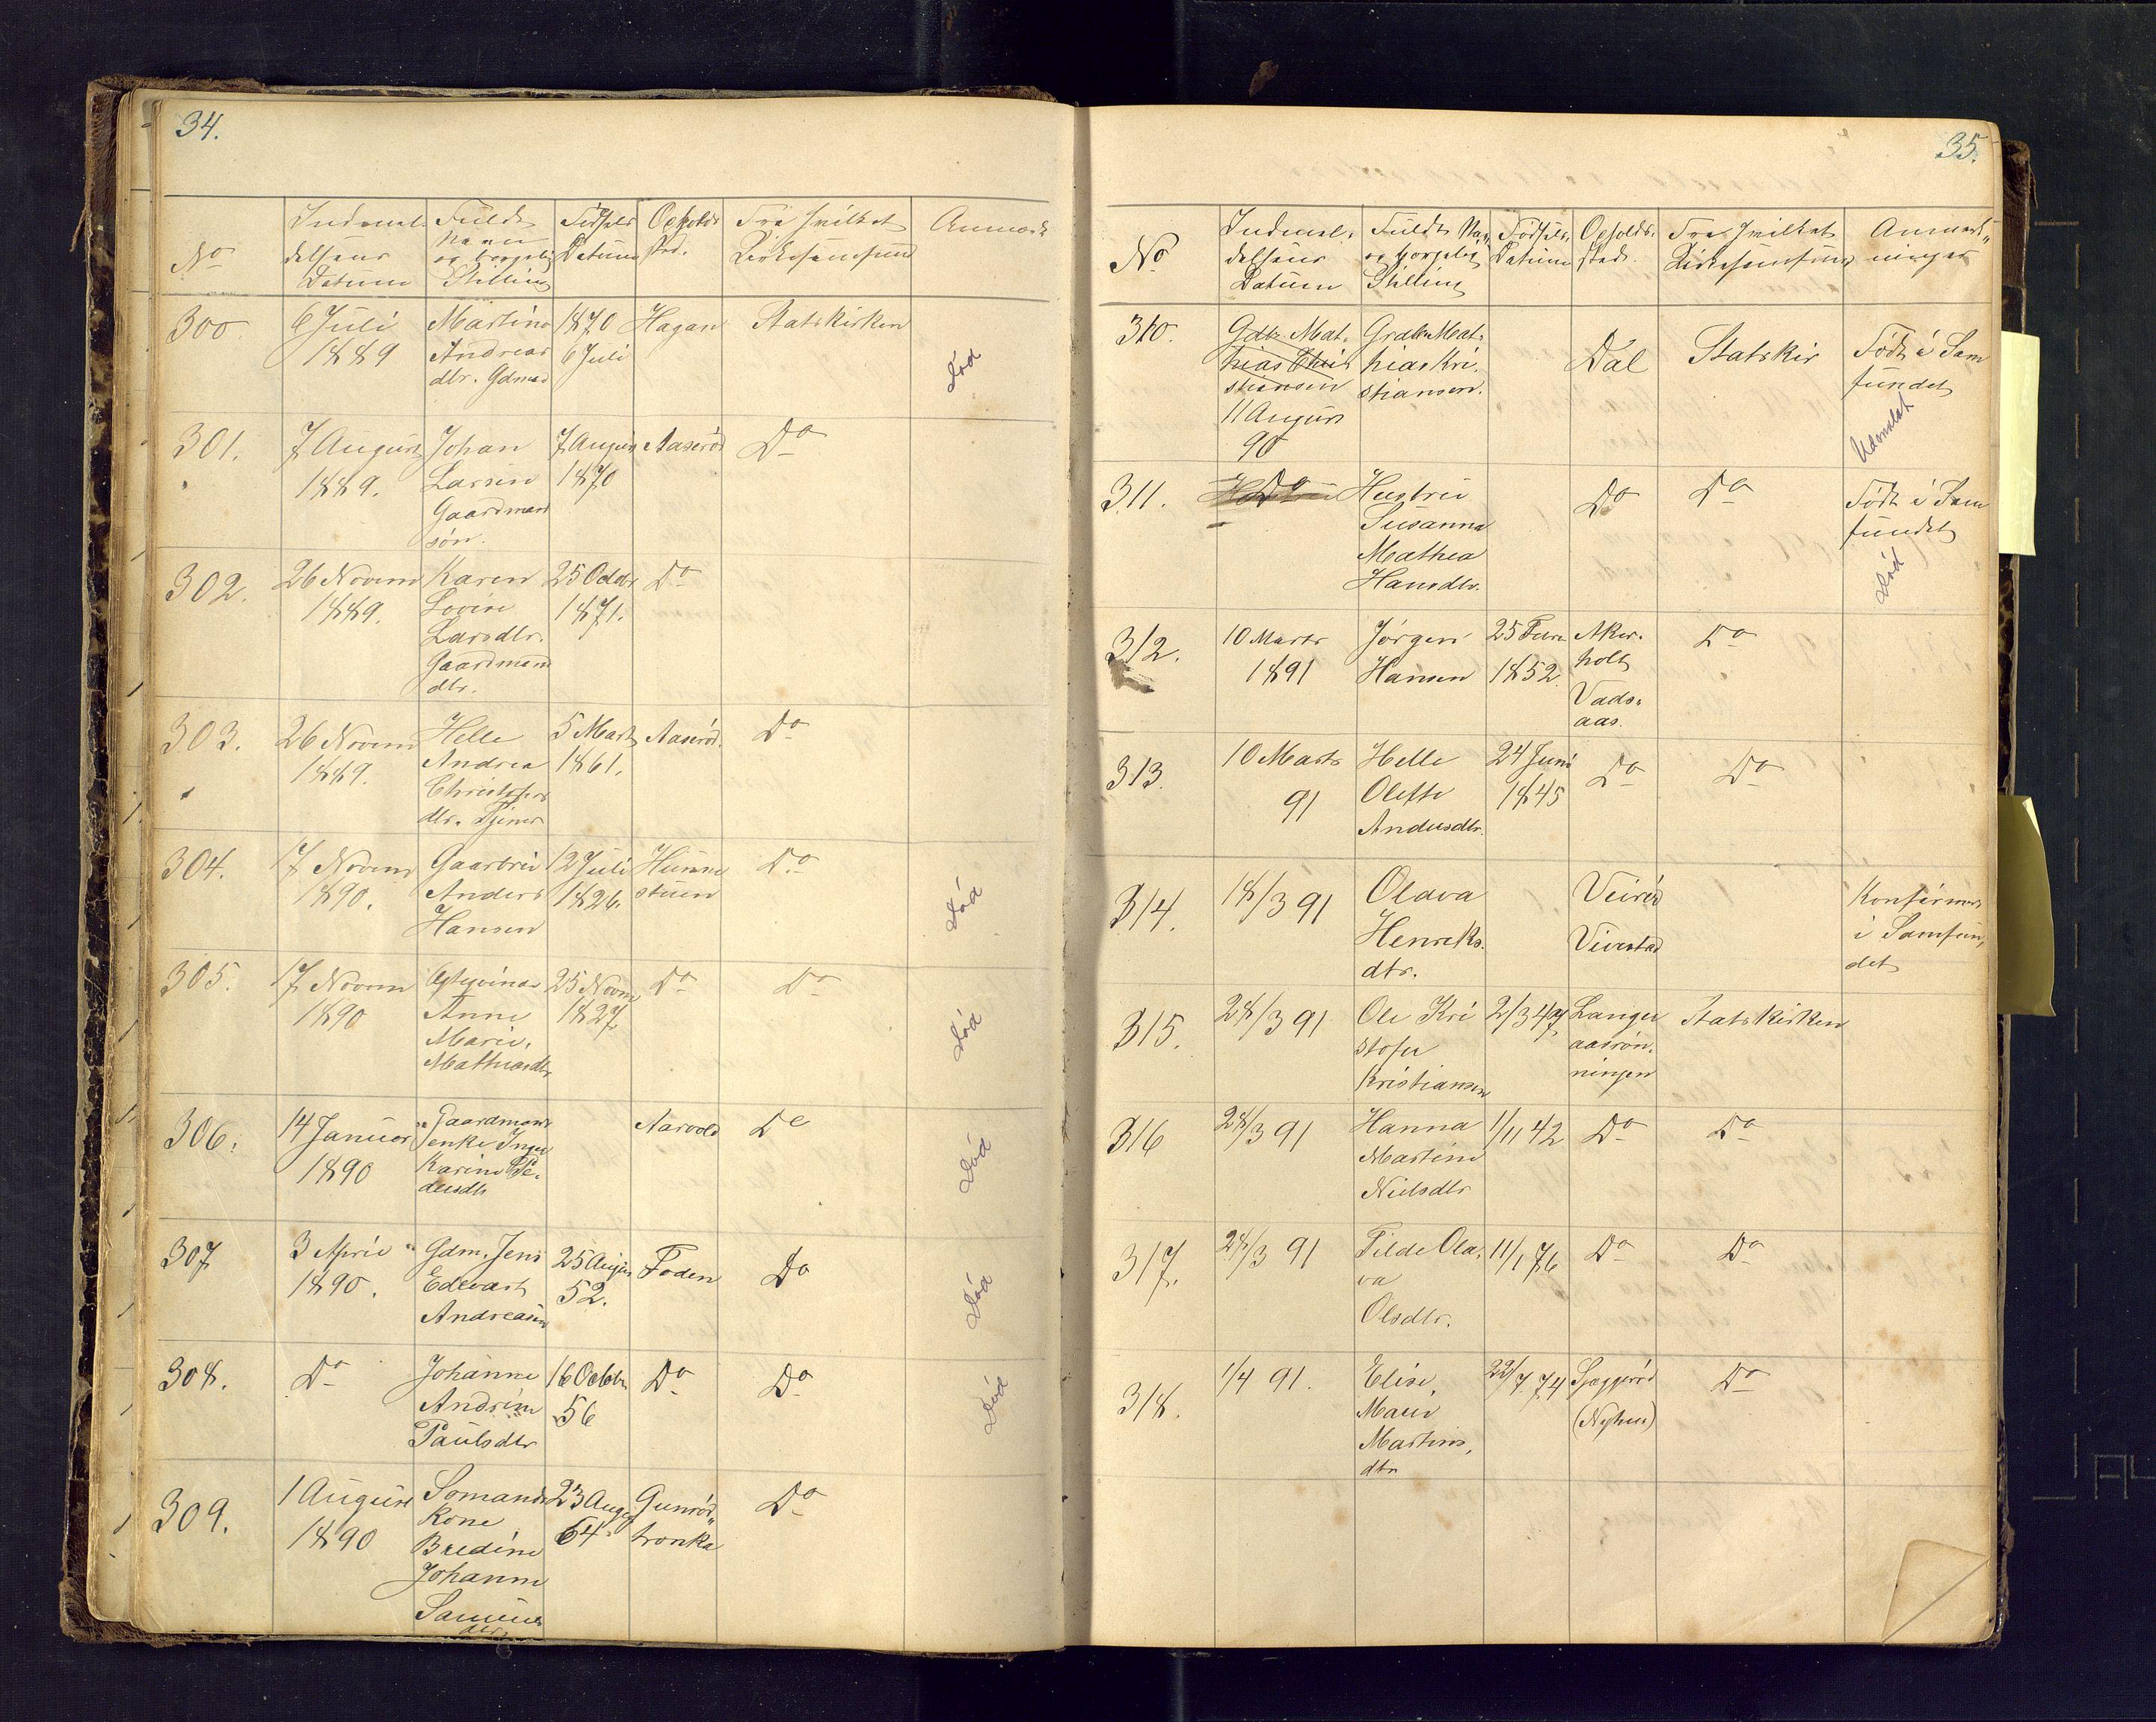 SAKO, Den evangelisk lutherske frimenighet i Jarlsbergs grevskap med flere steder, F/Fa/L0001: Dissenter register no. Fa/L0001, 1872-1925, p. 34-35